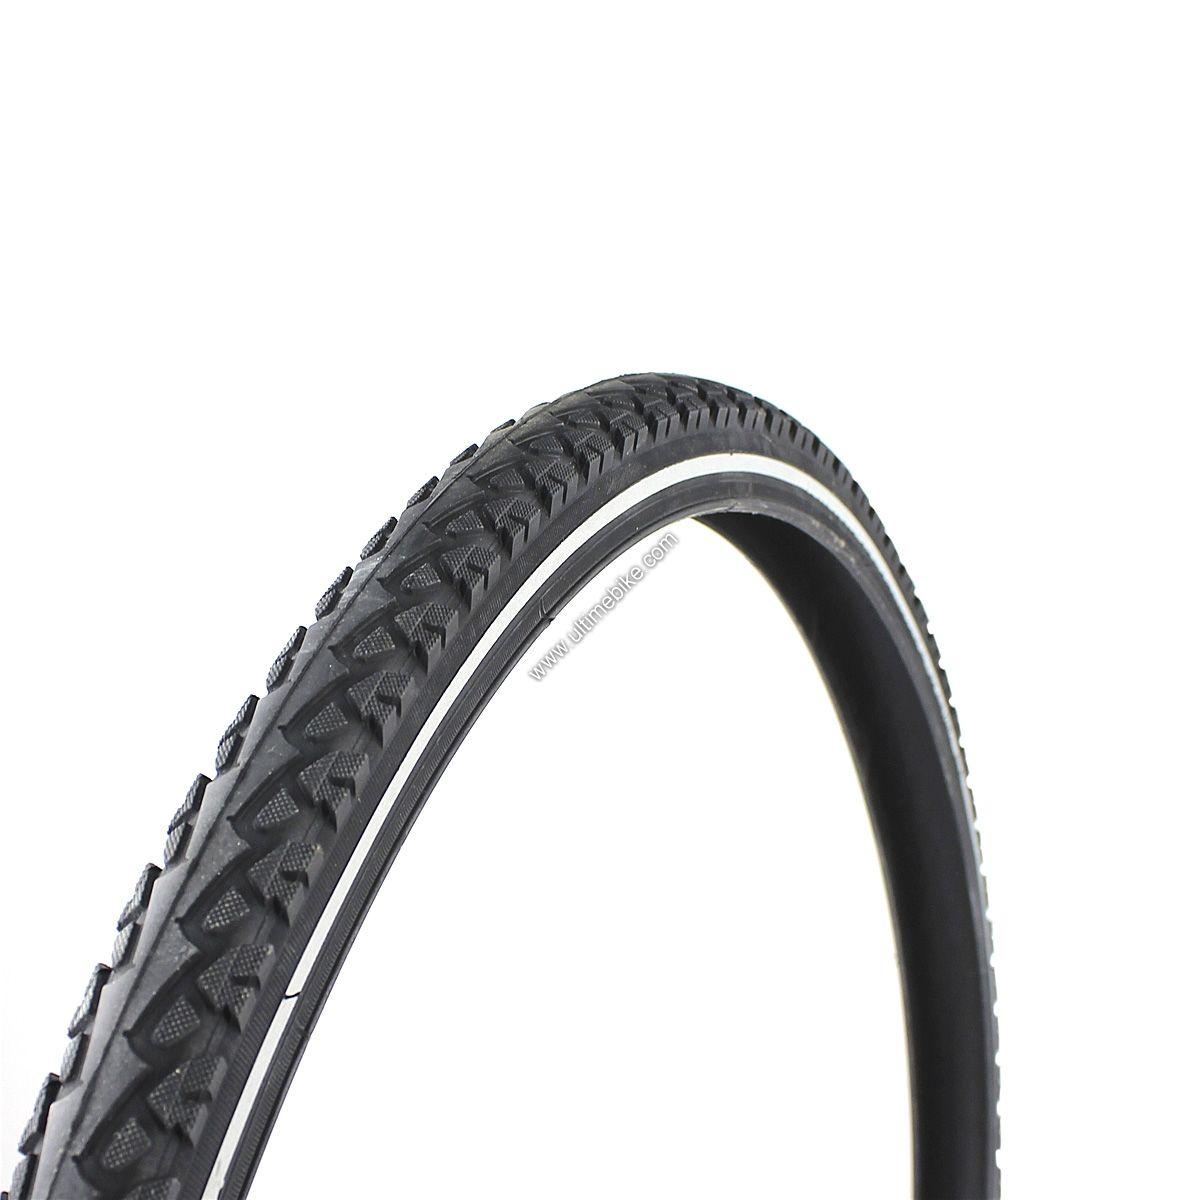 pneu 700 x 35 cst vtc c1313 bande anti crevaison pi ces roues et pneus sur ultime bike. Black Bedroom Furniture Sets. Home Design Ideas